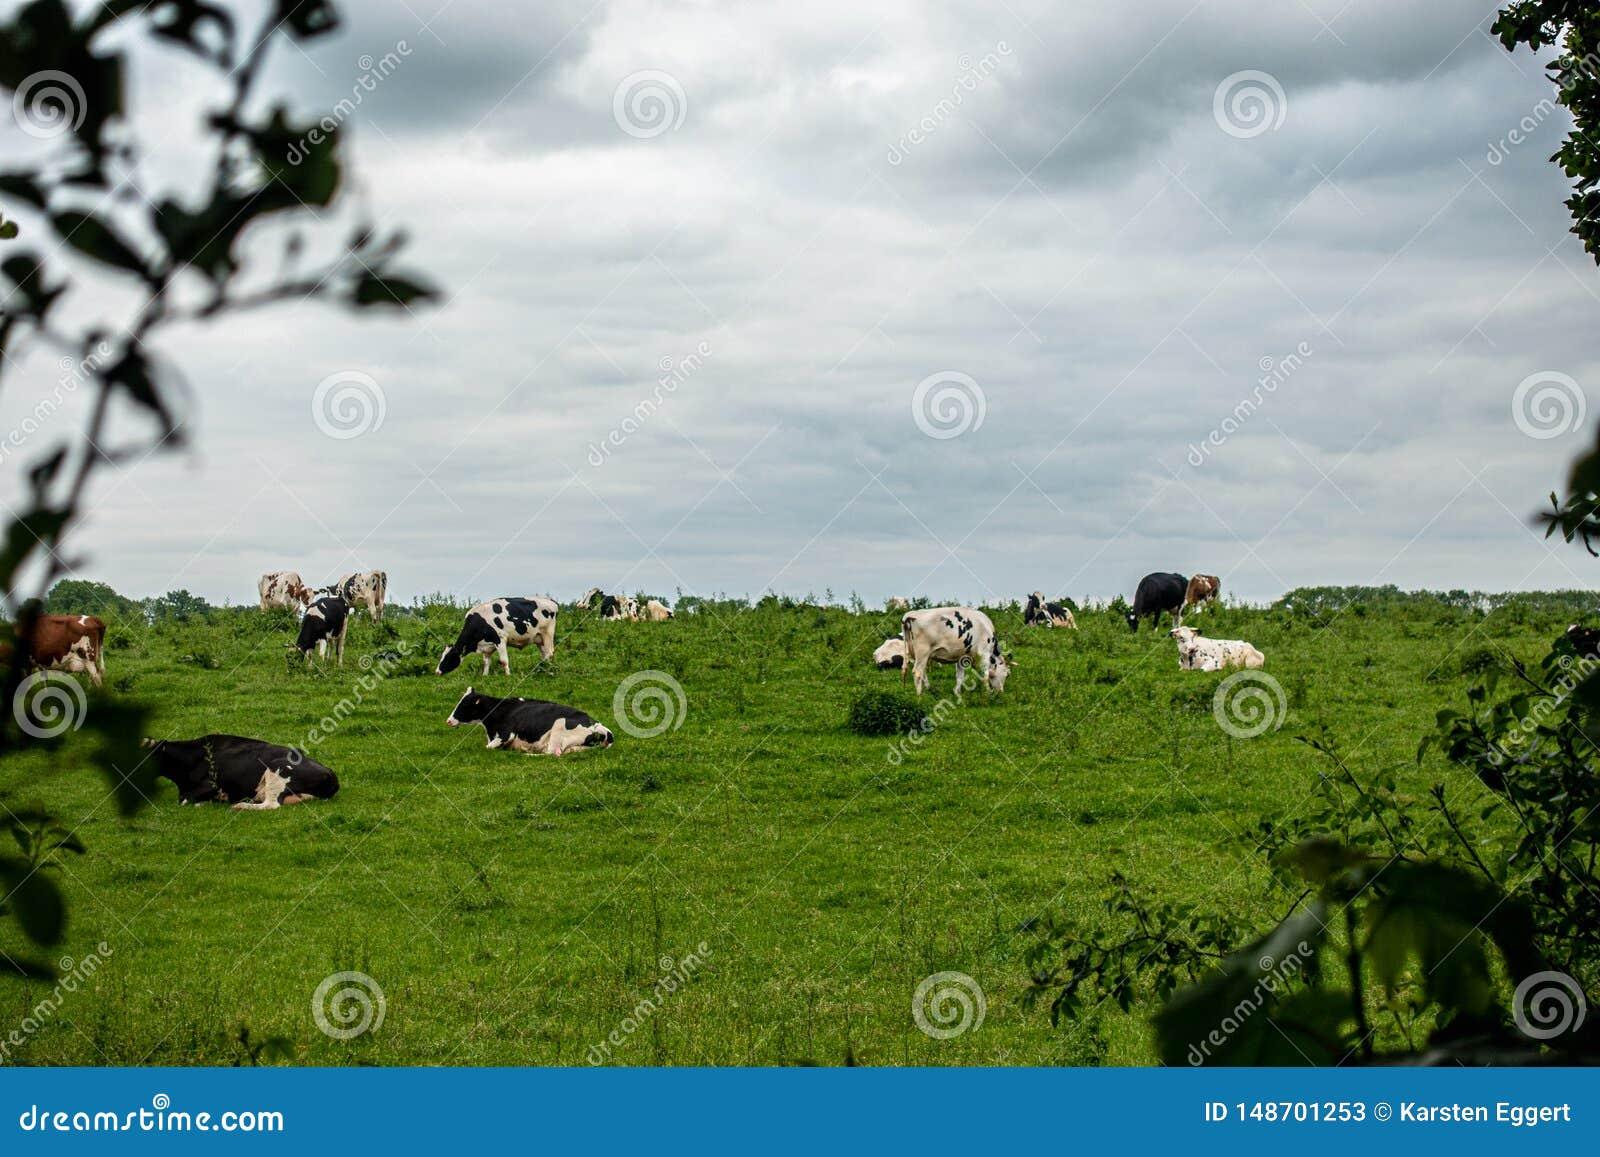 黑白母牛牧群在一个绿色草甸站立,并且天空是阴暗的